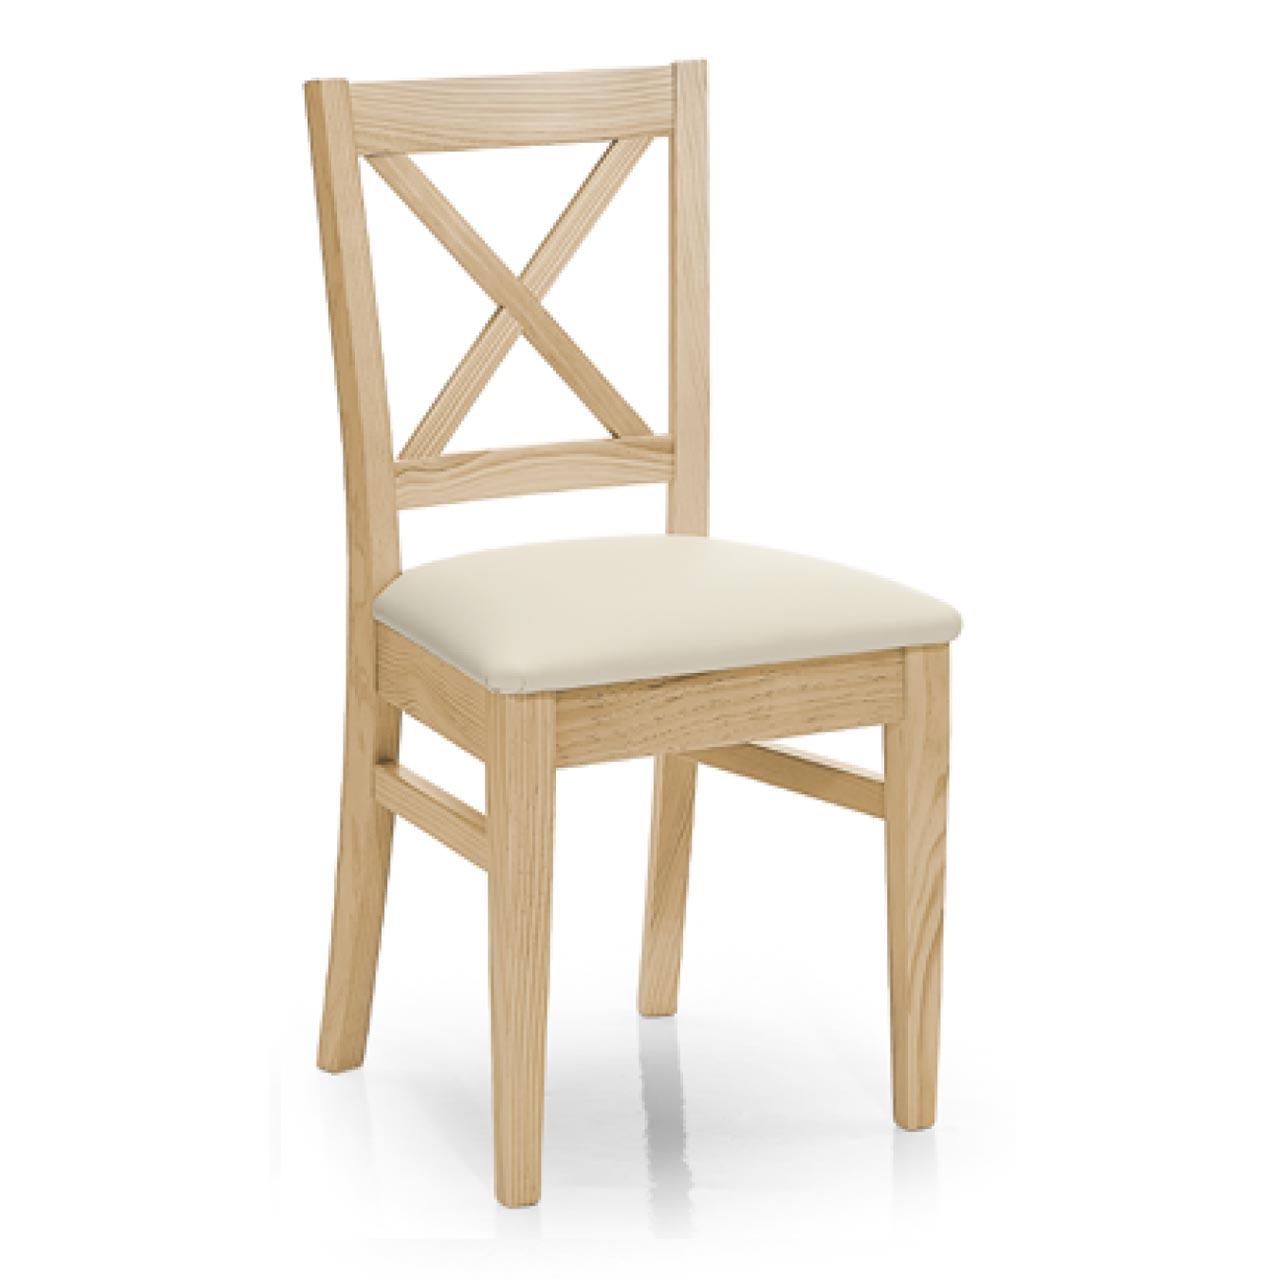 Silla comedor madera estilo n rdico lamesadecentro for Comedor sillas de colores